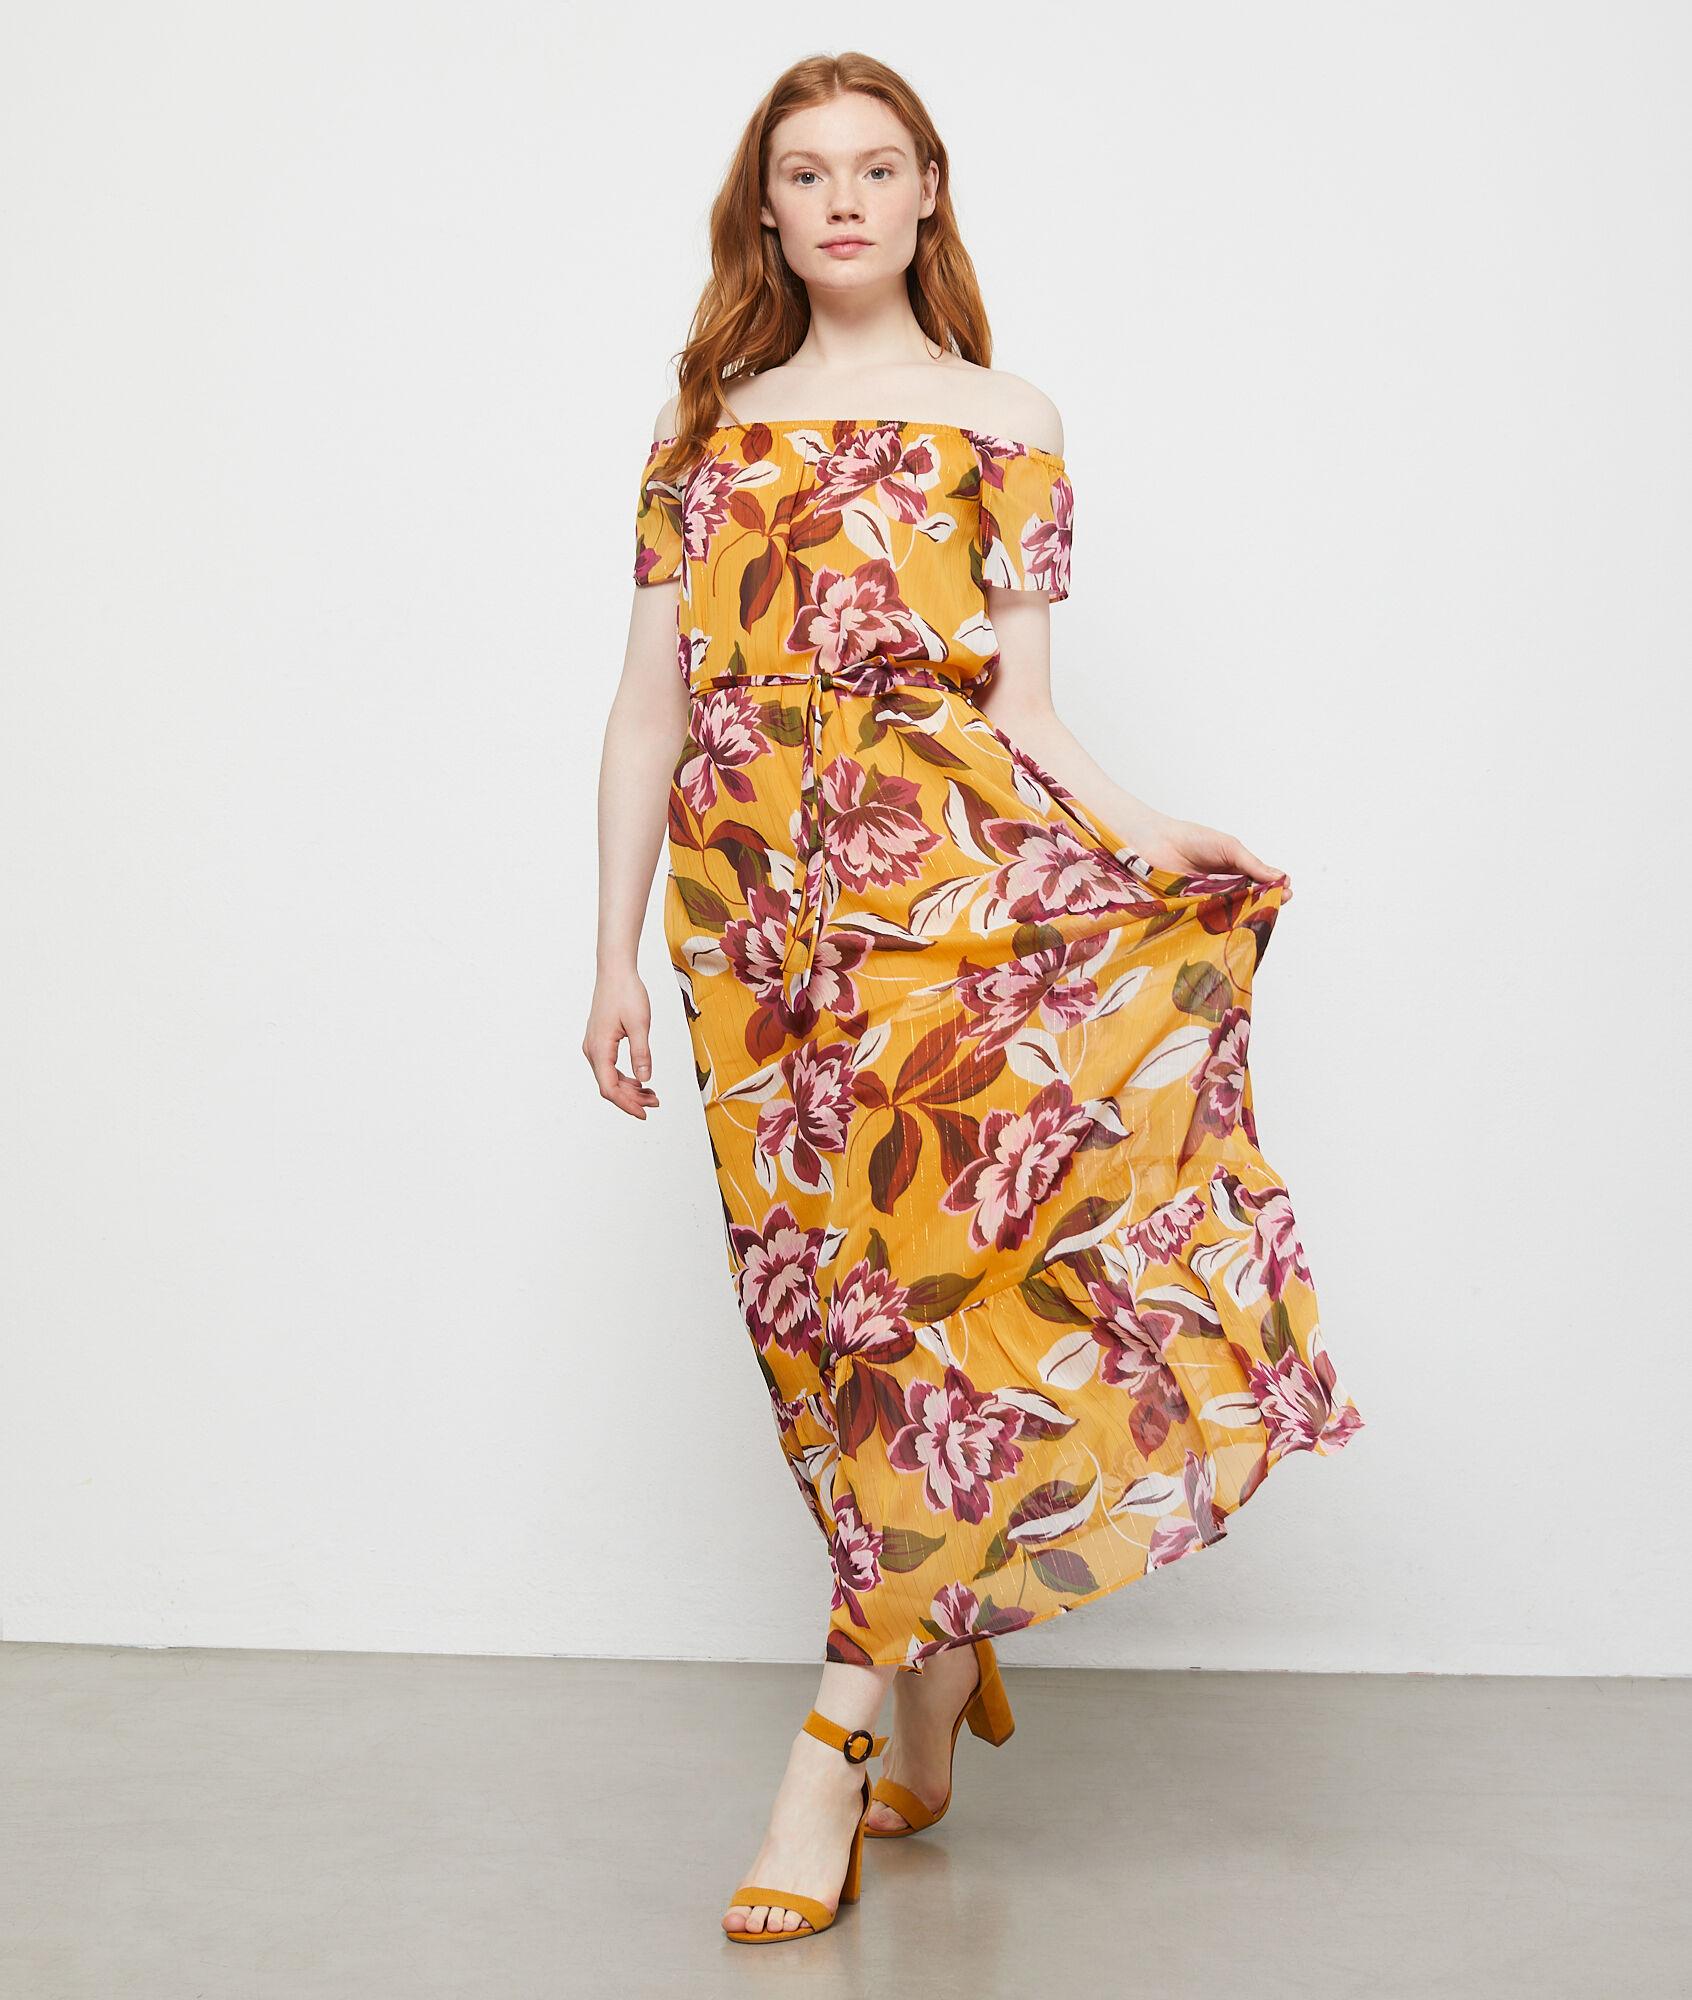 835ec2a7e1060 Robe bustier à imprimé fleuri - CLARA - CURRY - Etam